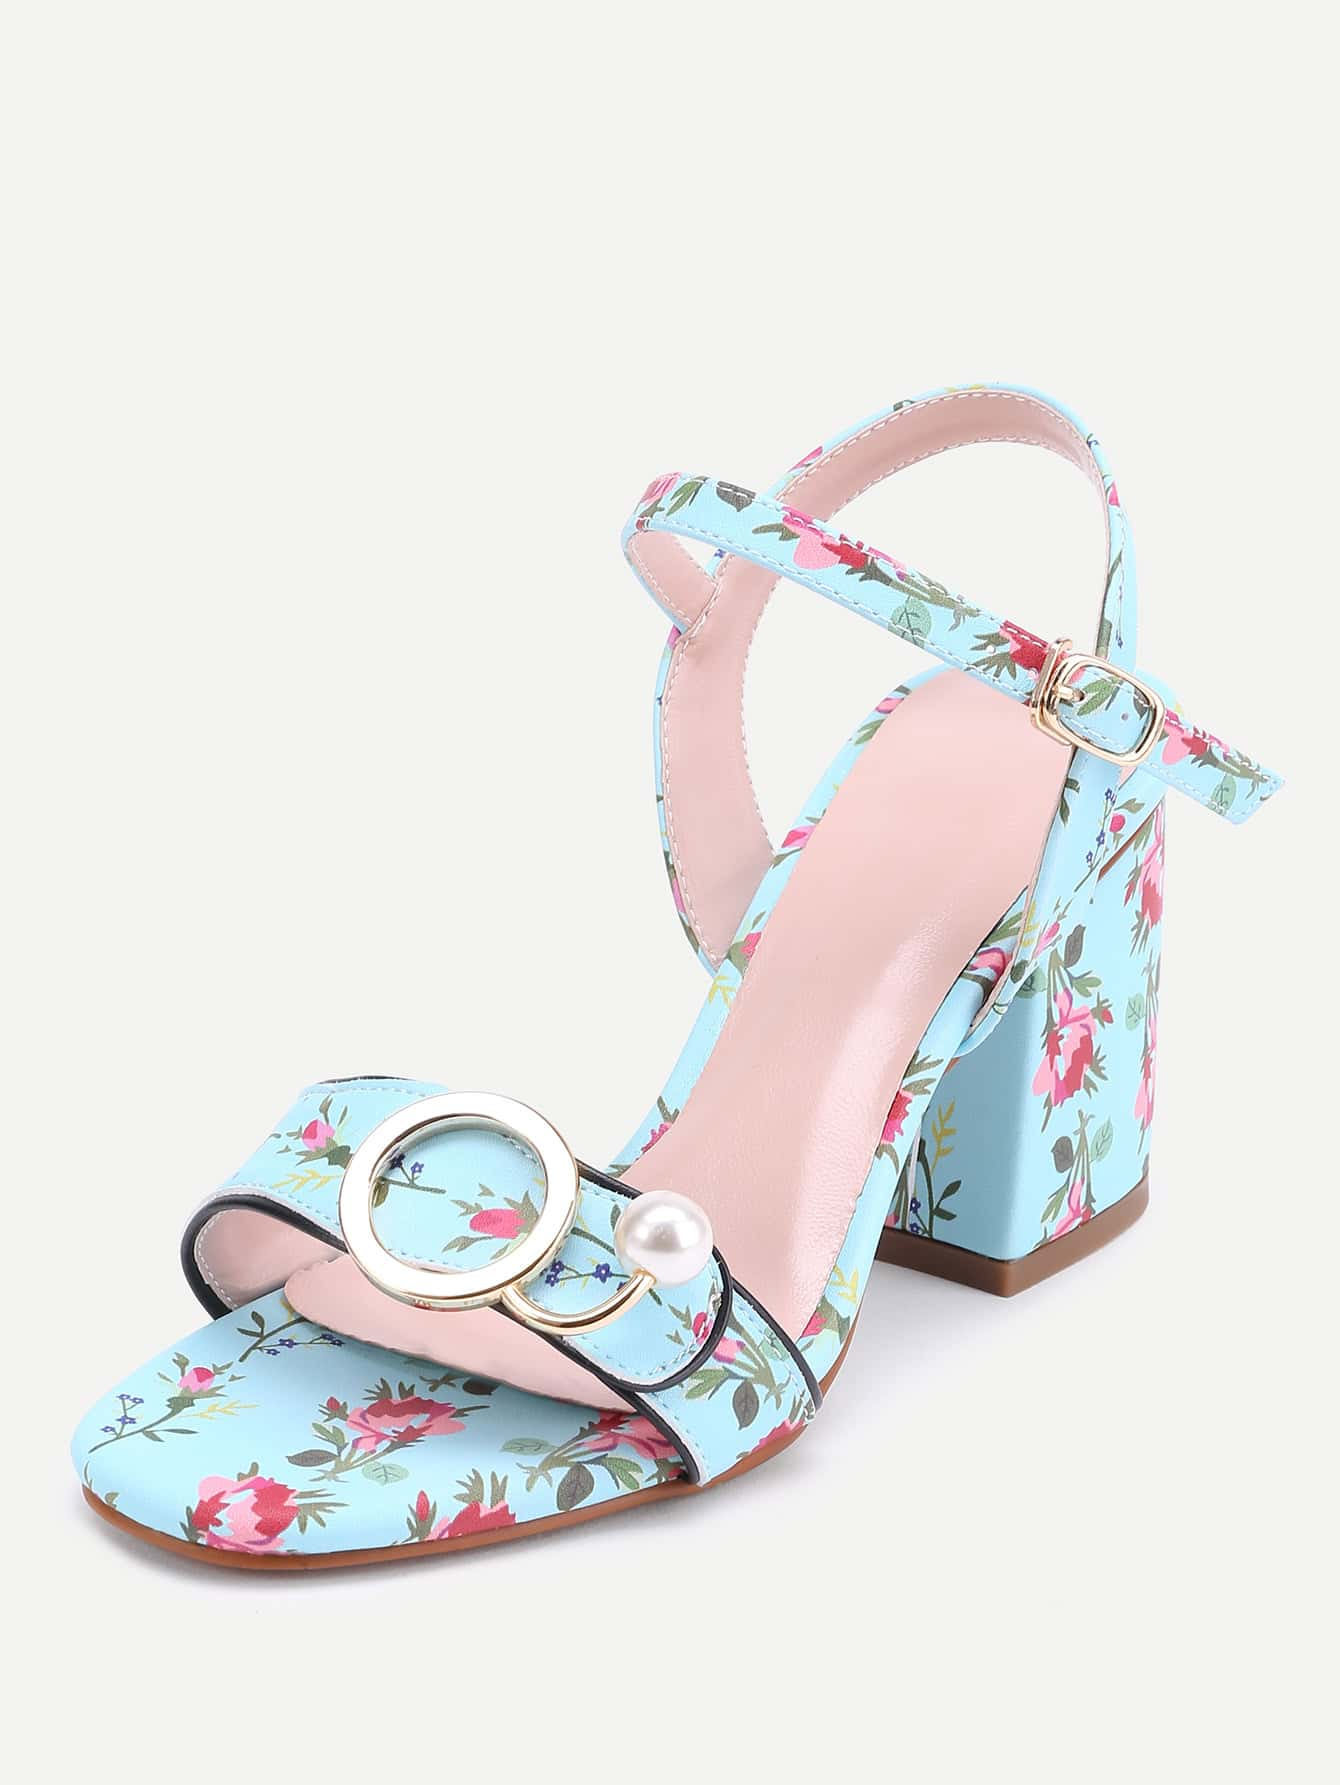 shoes170404801_2